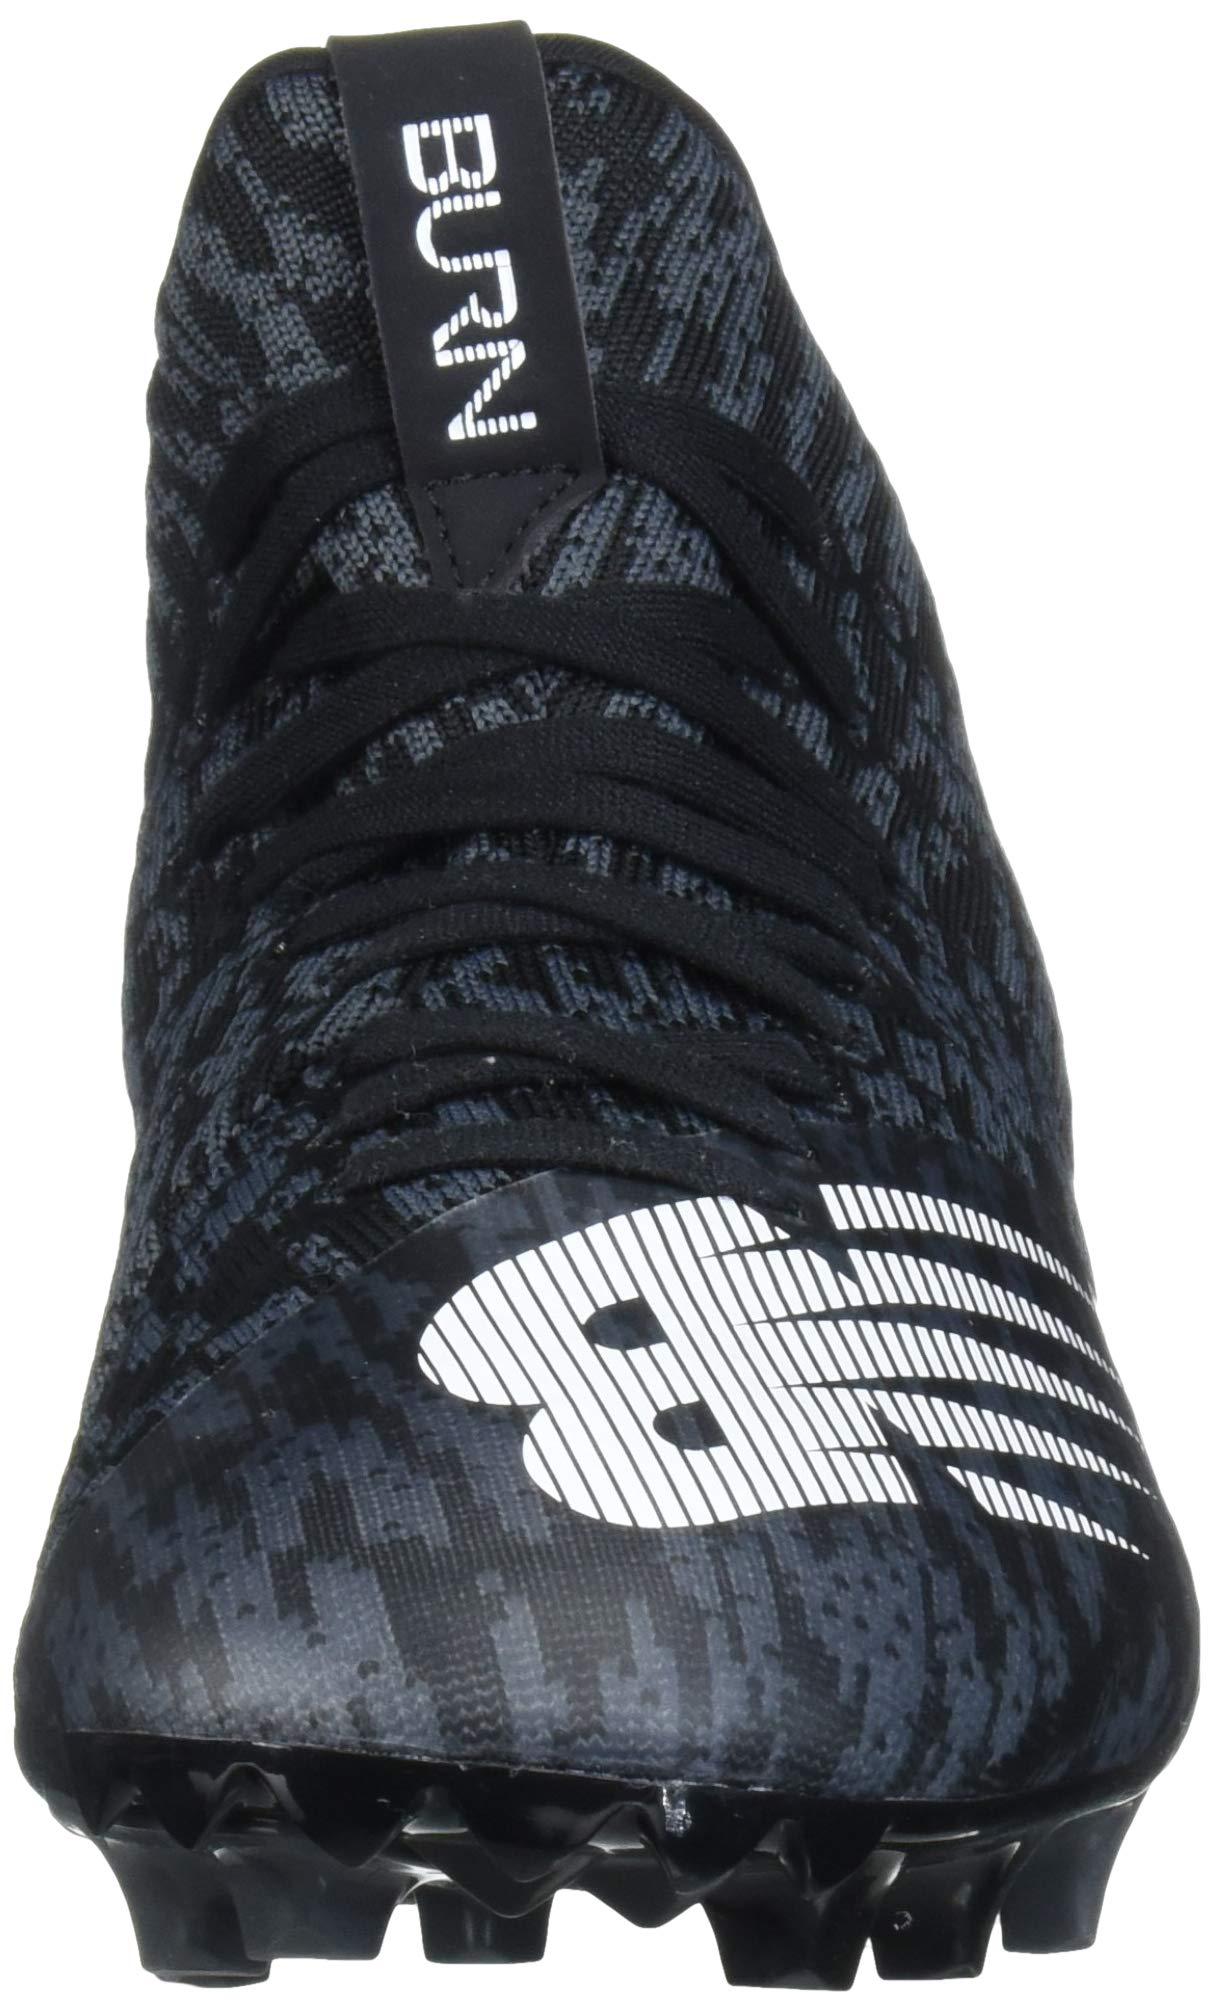 New Balance Women's Burn X 2 Speed Lacrosse Shoe